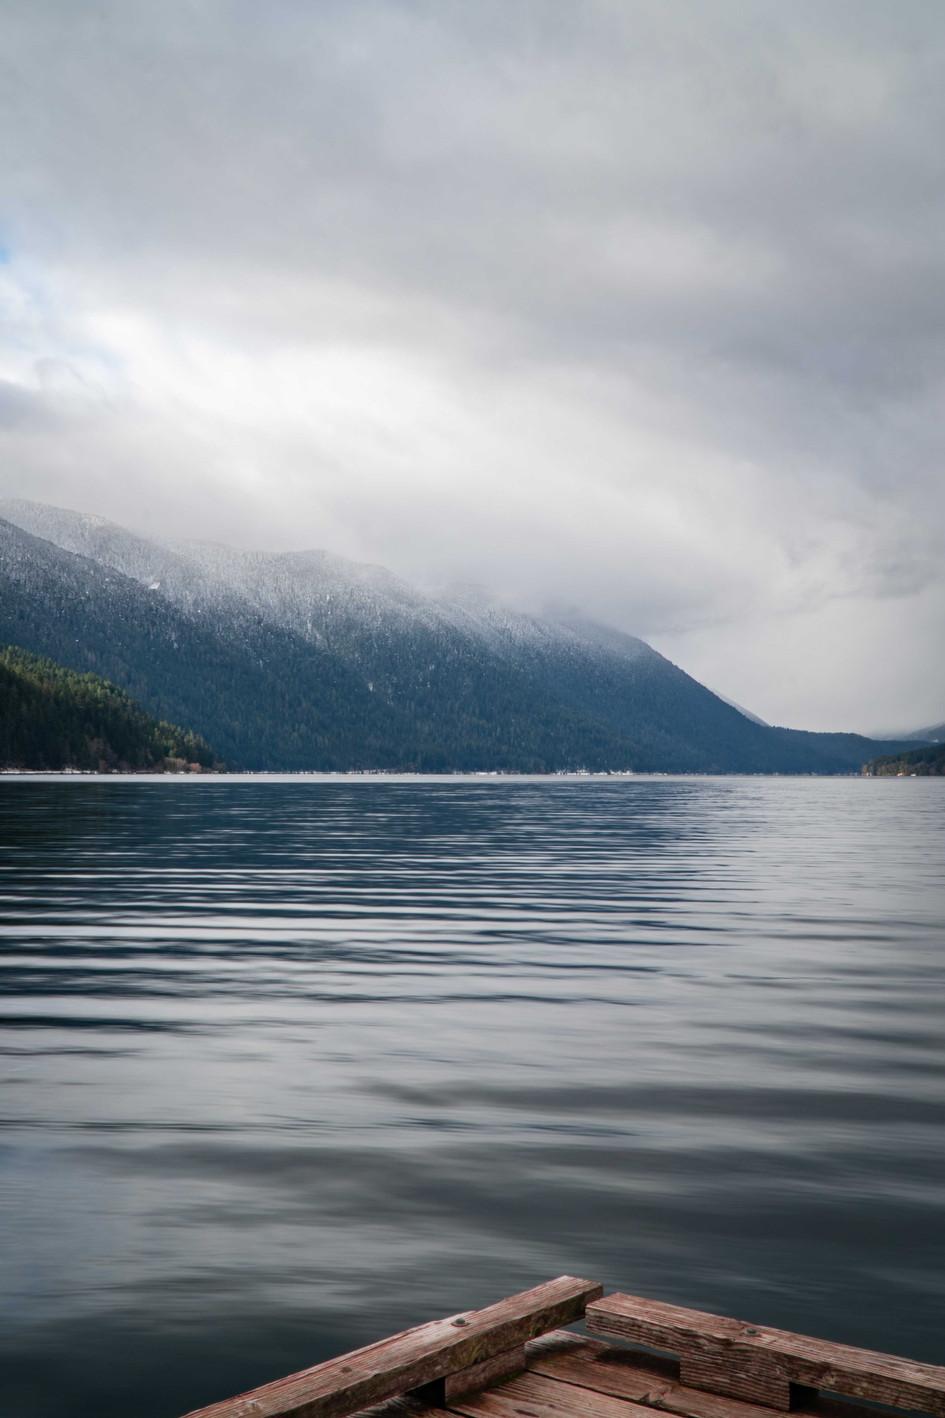 lake crescent, wa